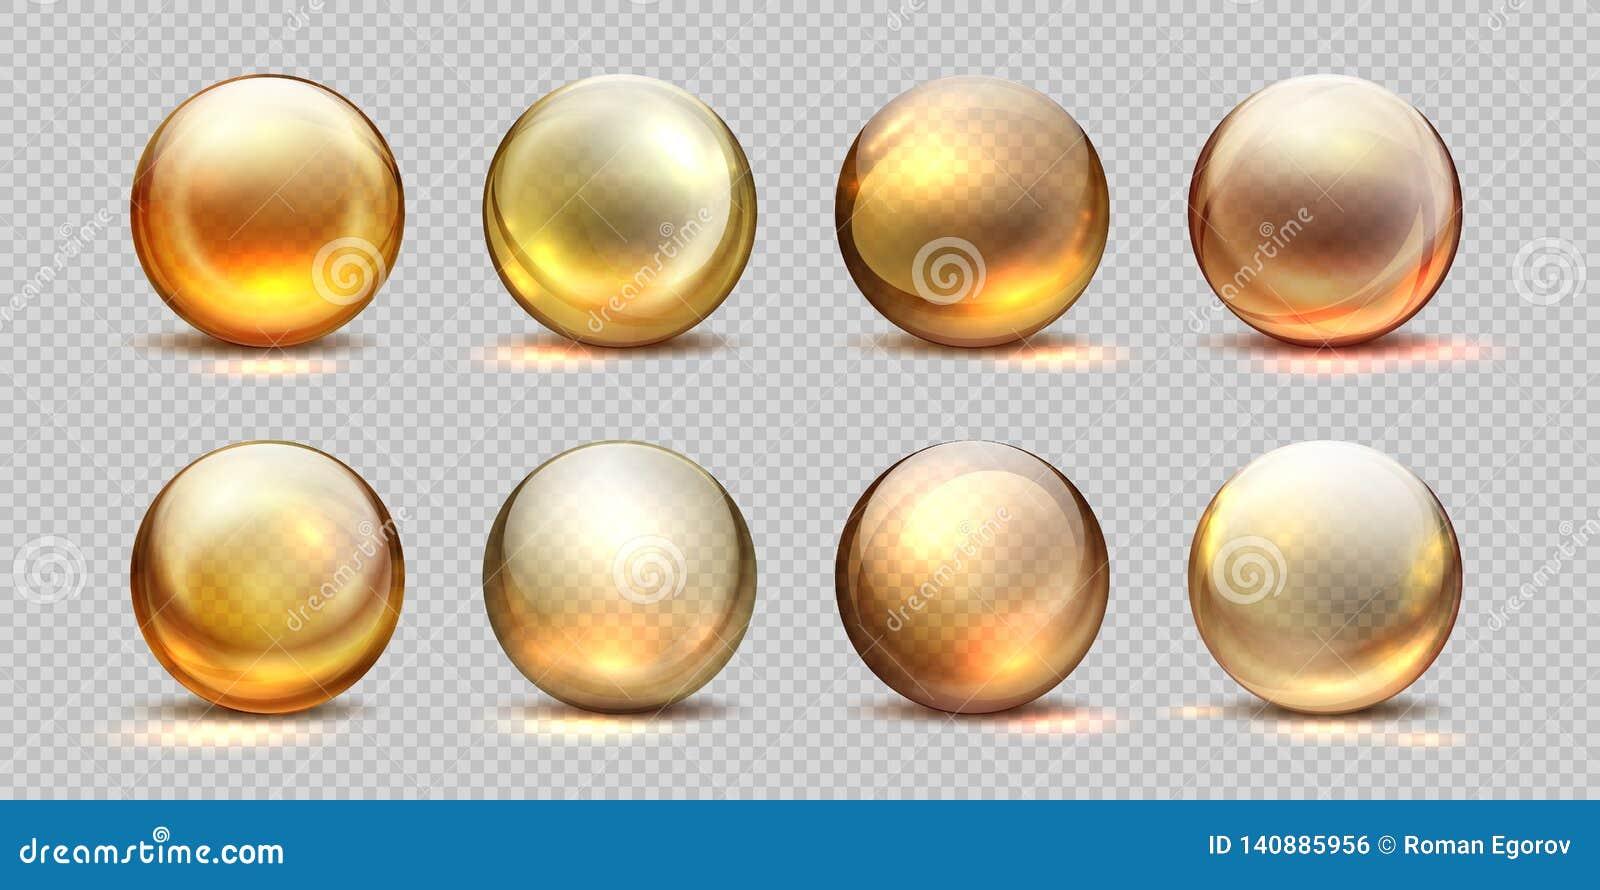 Kolagen złote piłki Realistyczny kosmetyka olej, ciekła serum kropla, przejrzyste odosobnione 3D pigułki Wektorowy żółty kolagen